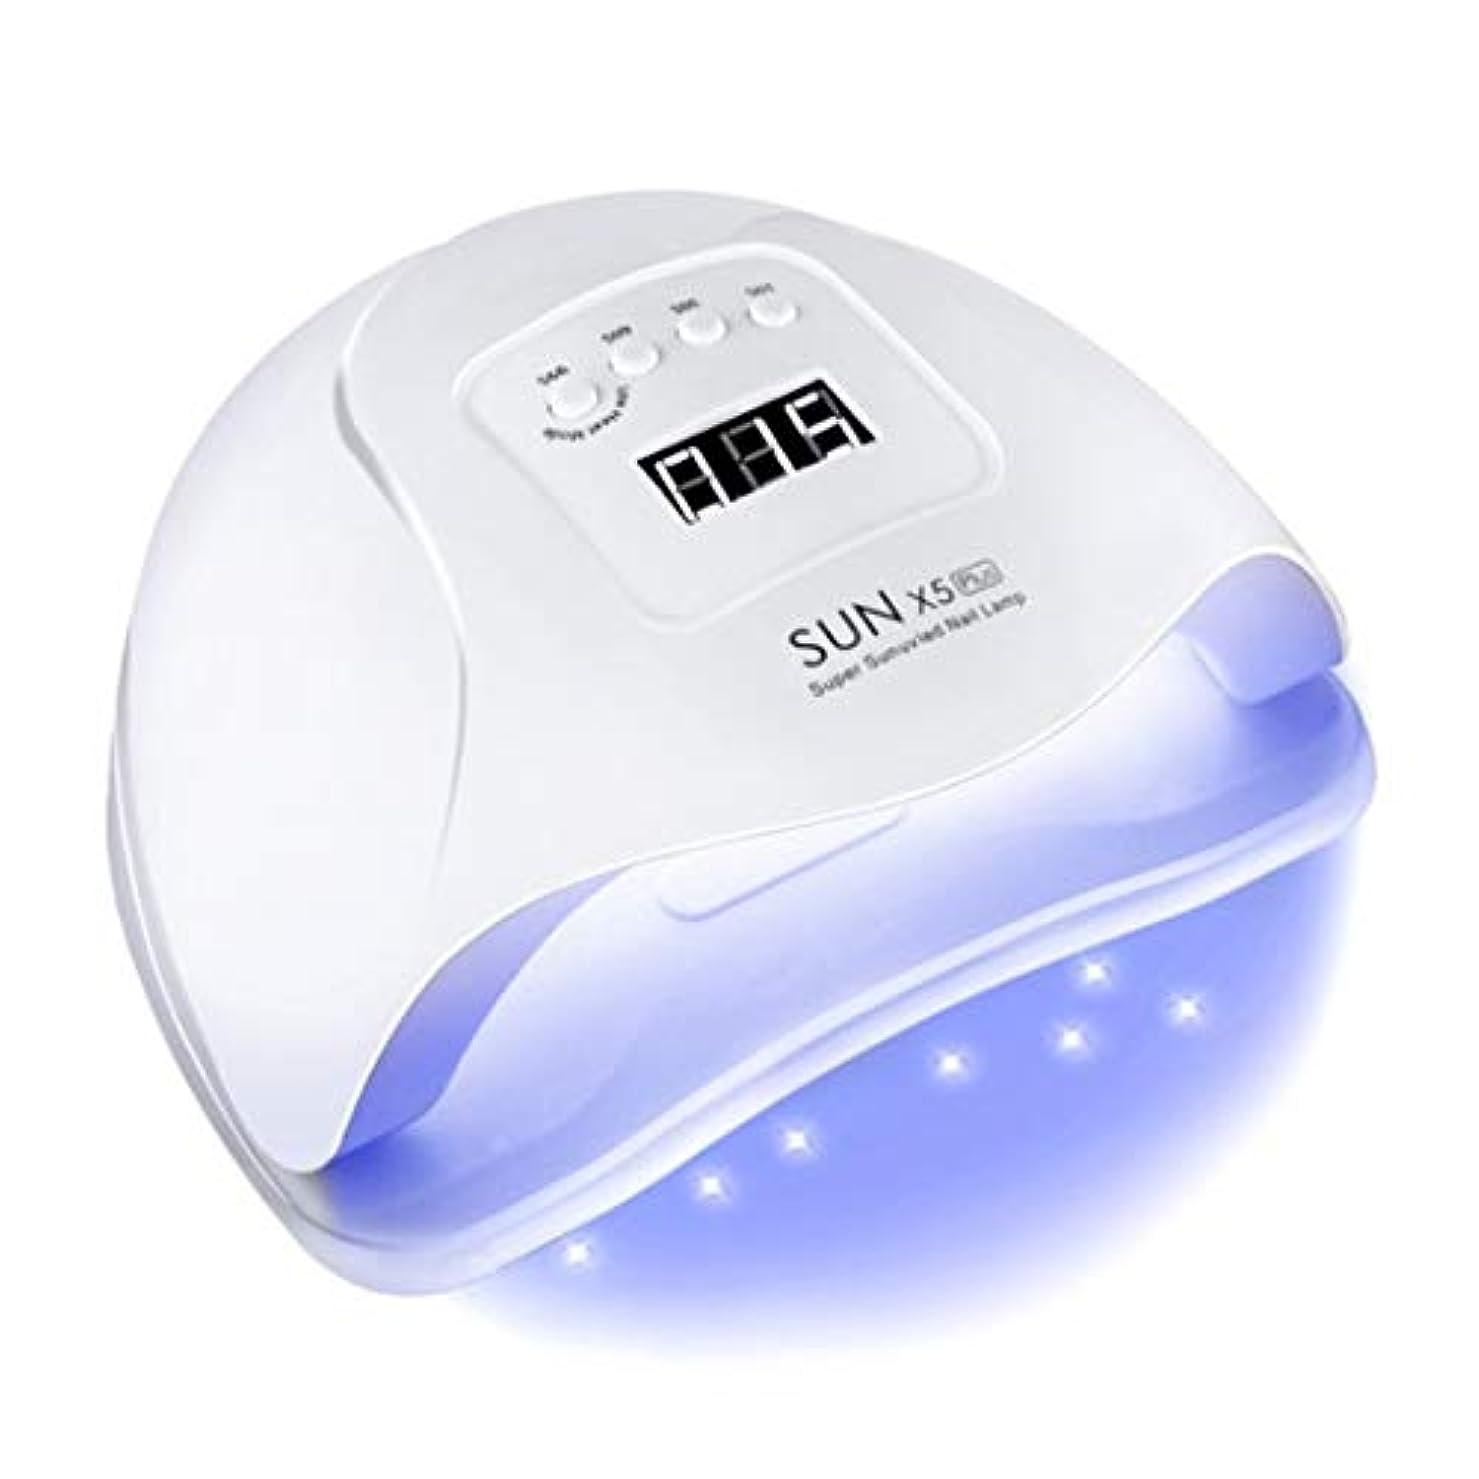 介入する暖かさクリームOurine 80Wネイルドライヤー ジェルネイル LEDダブルライト ハイパワー 硬化ゲルポリッシュネイルアートツール 自動感知センサー ローヒートモード搭載 タイマー UVライトネイルポリッシュ用 速乾 レジン ジェルネイル用